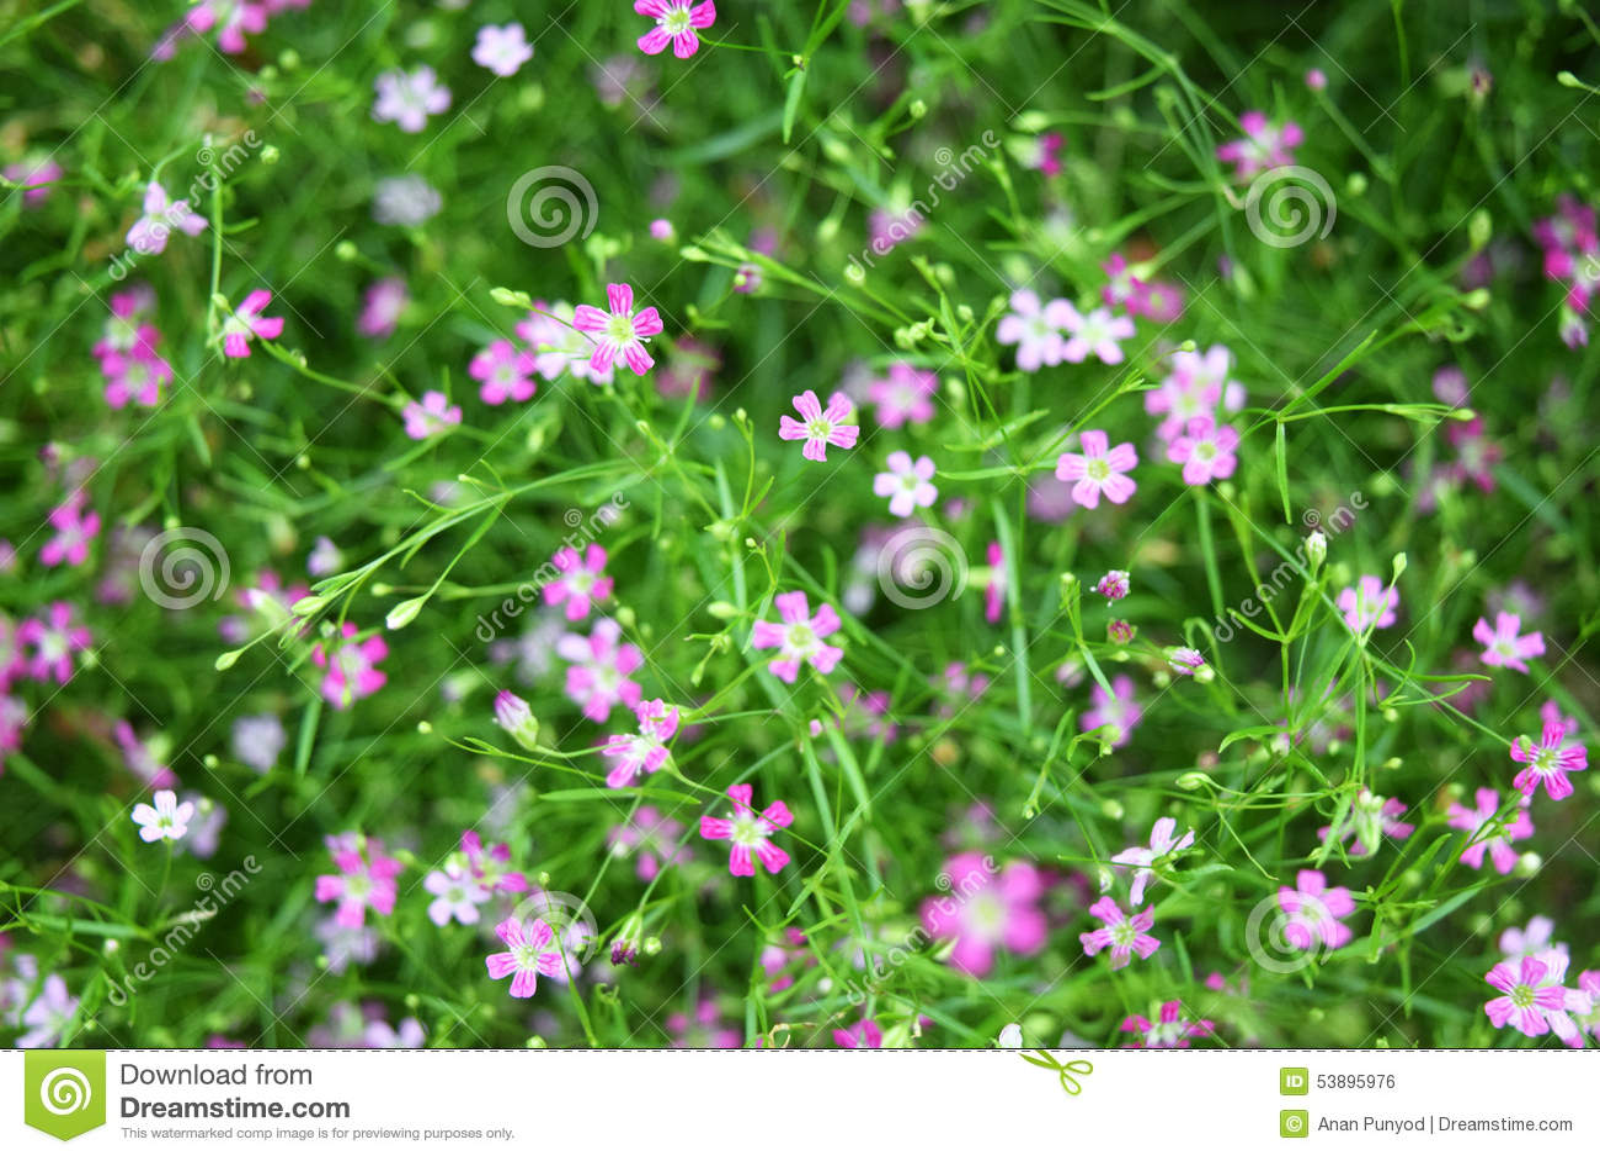 Beautiful lovely little pink flowers pattern with green leaves beautiful lovely little pink flowers pattern with green leaves decorated mightylinksfo